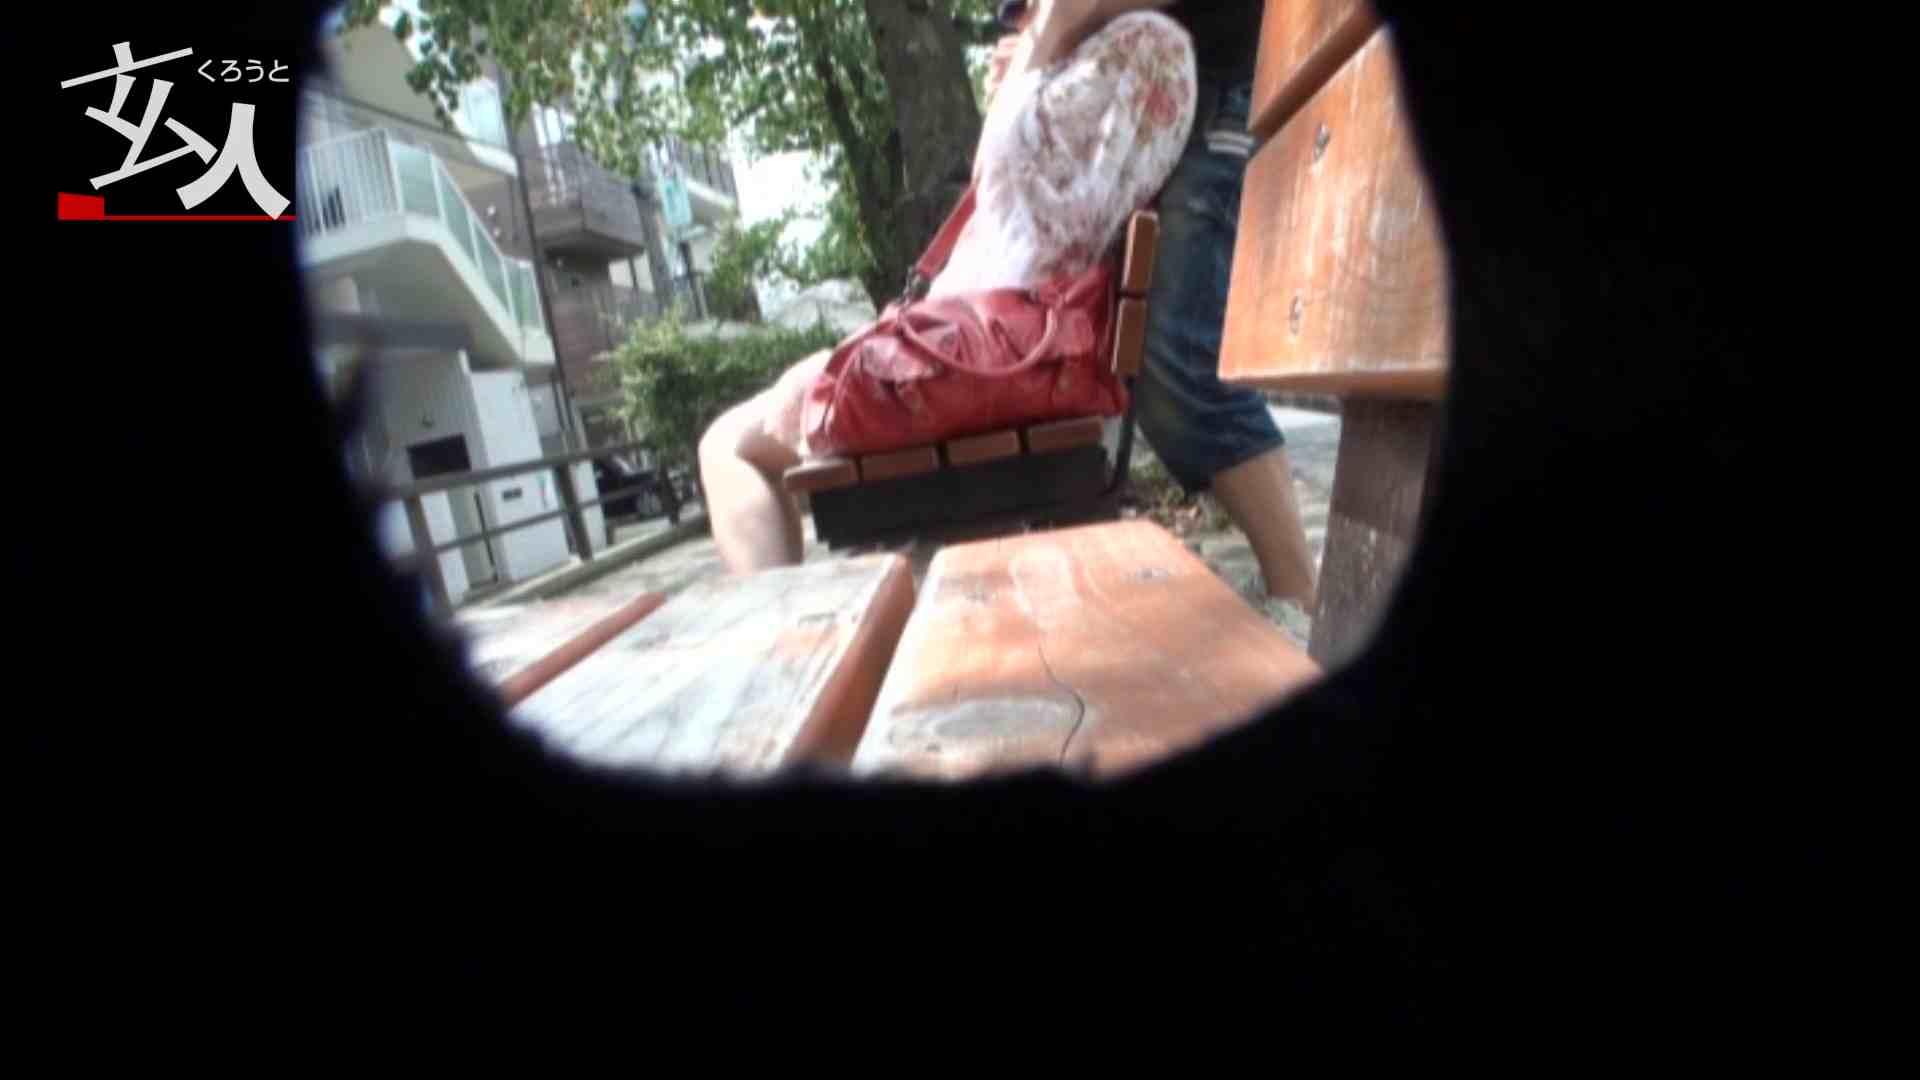 「邪淫無限ループ」変質者拉致~失われた自由~ つるのゆう 中出し   セックス  91画像 1